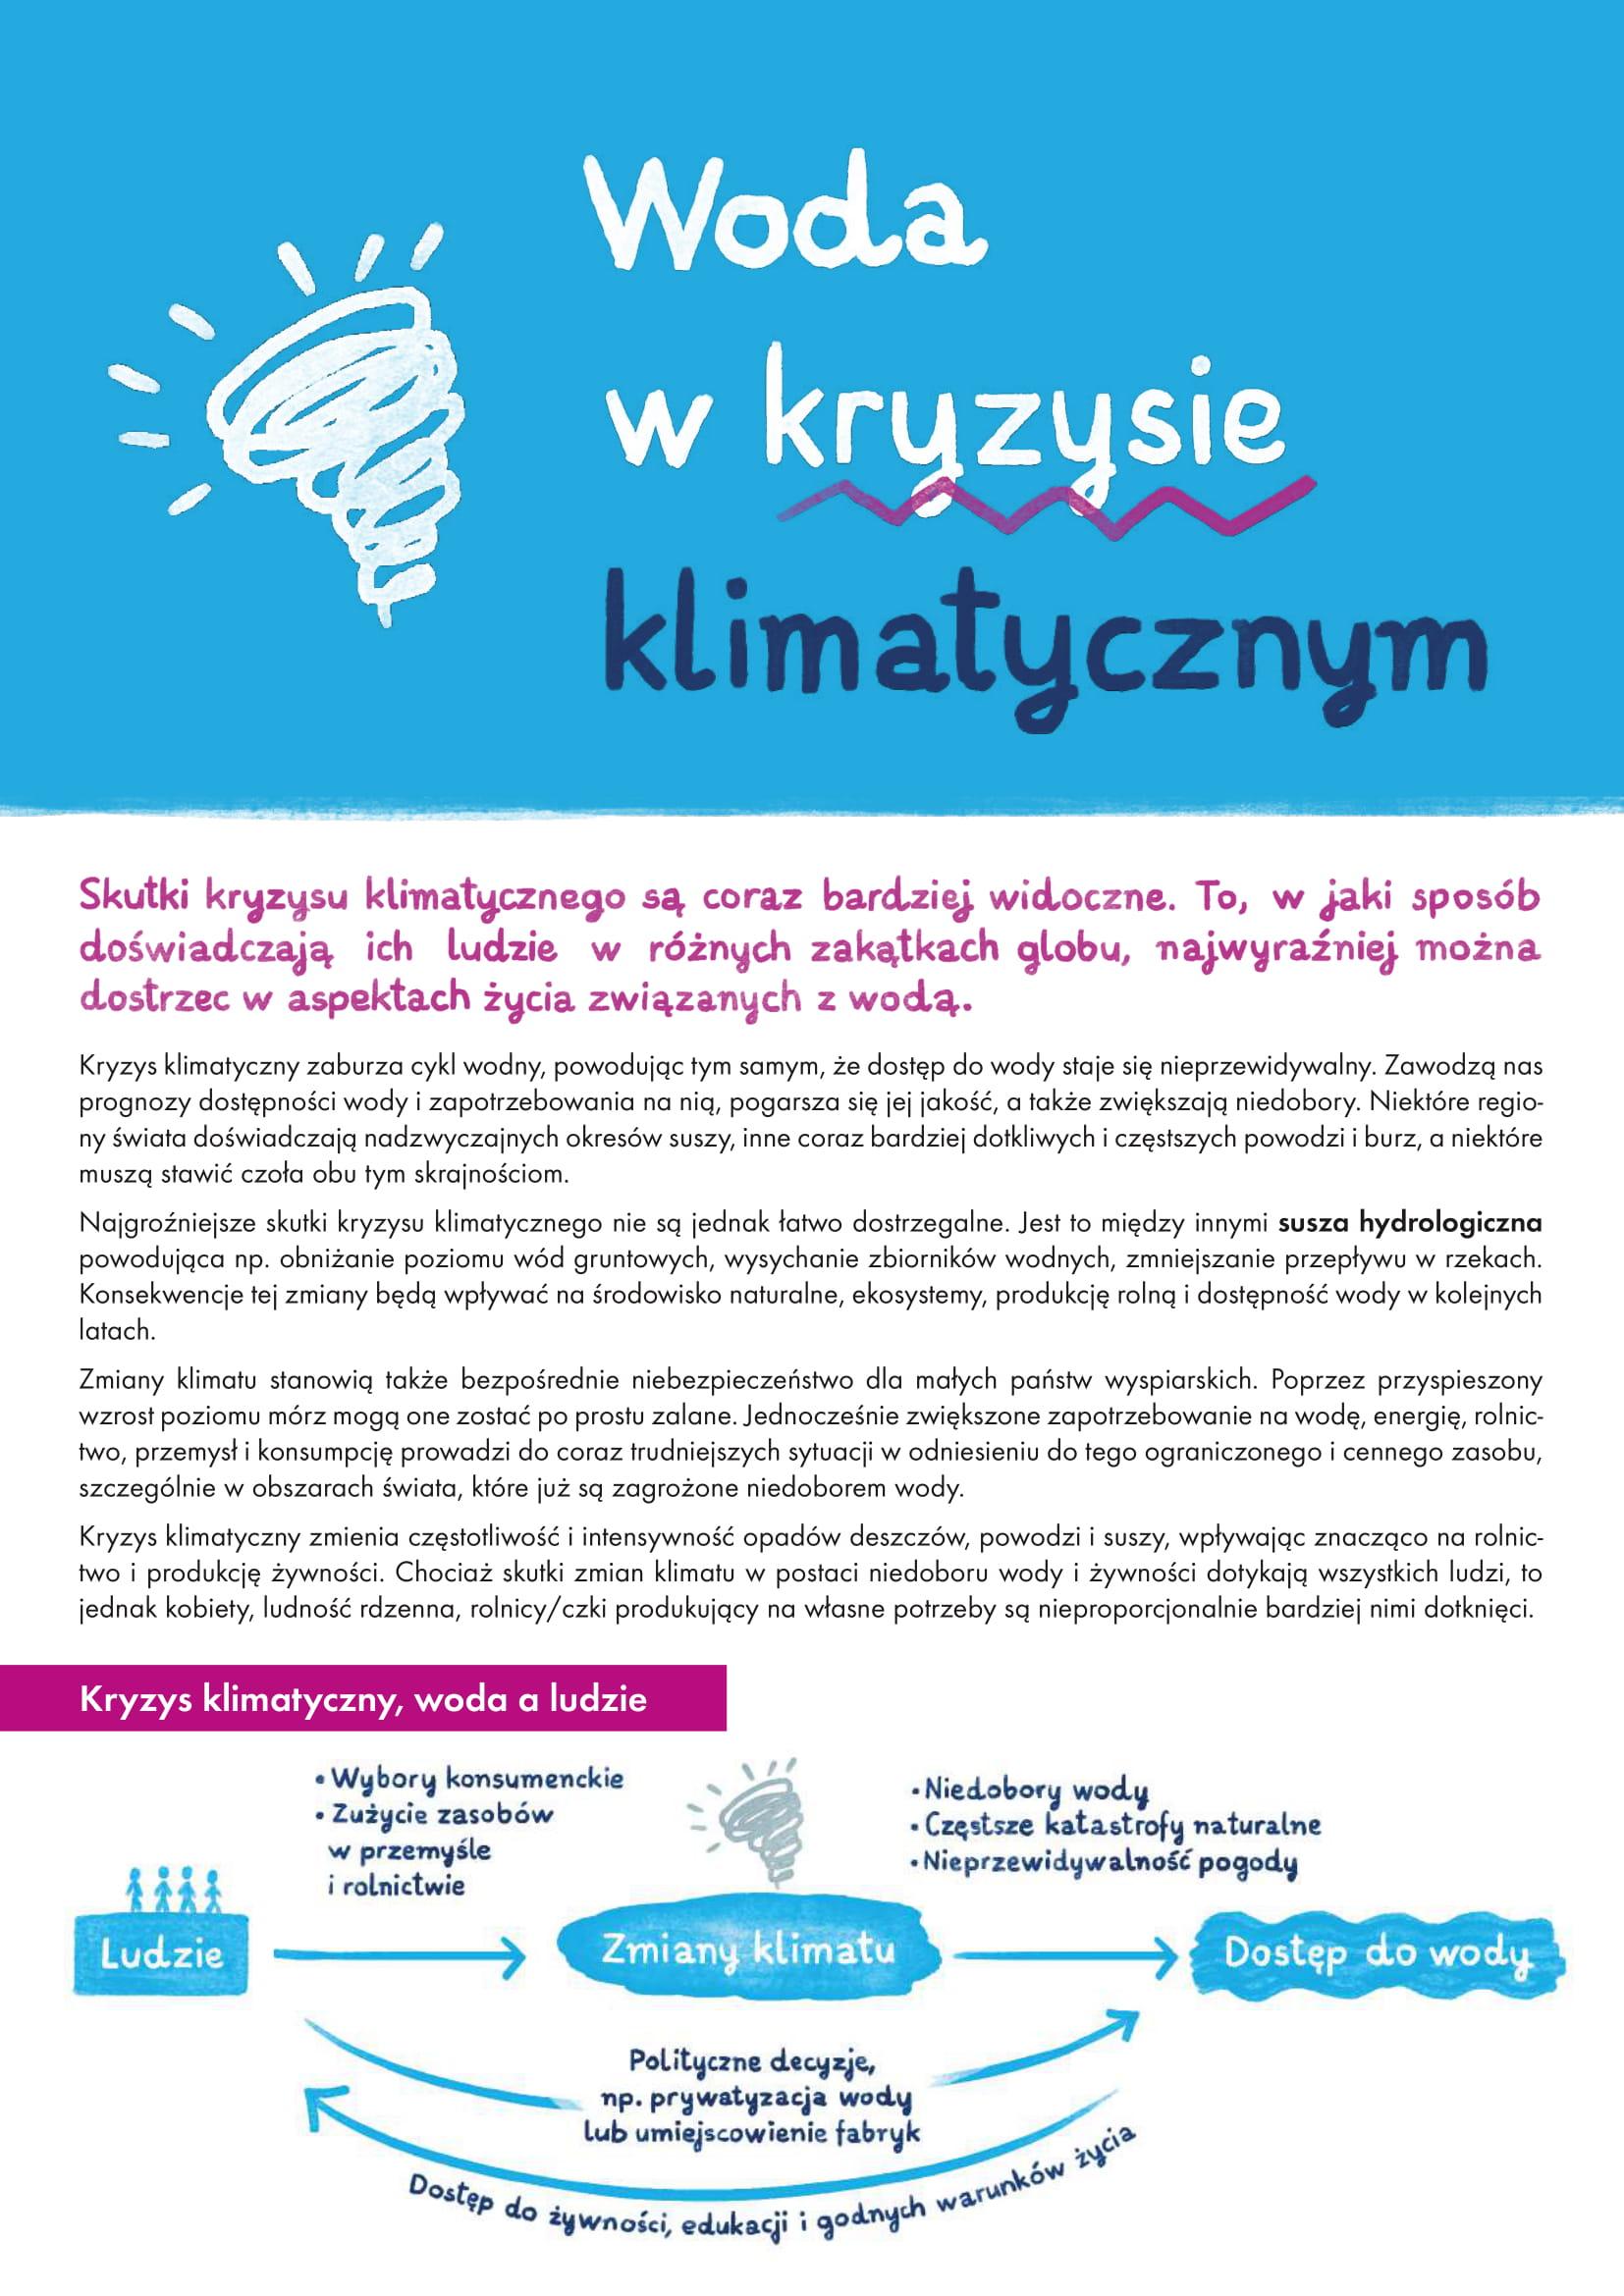 Broszura-Woda-w-kryzysie-klimatycznym-11-1